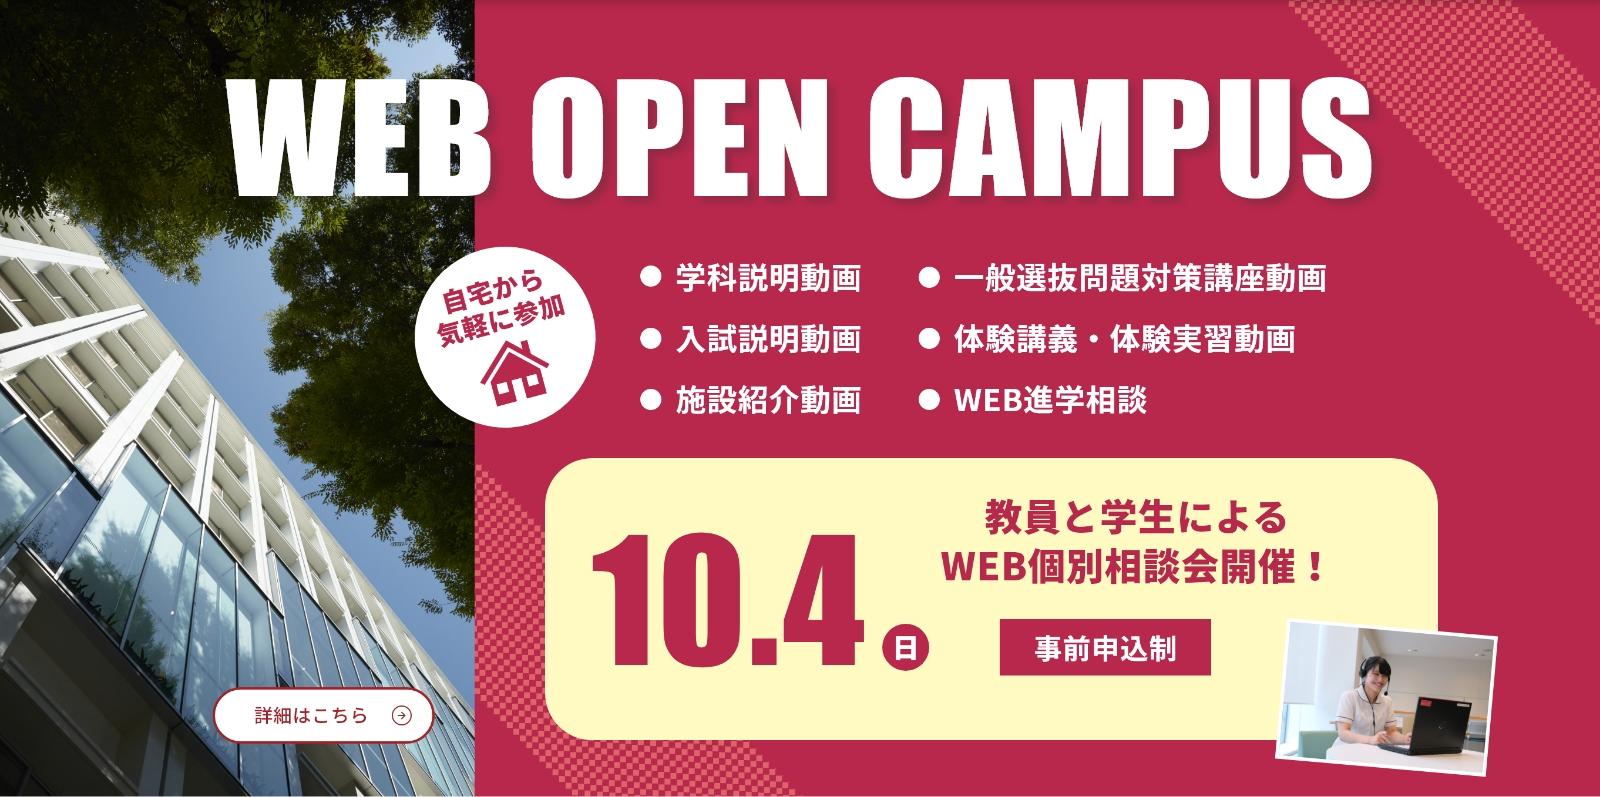 ウェブオープンキャンパス